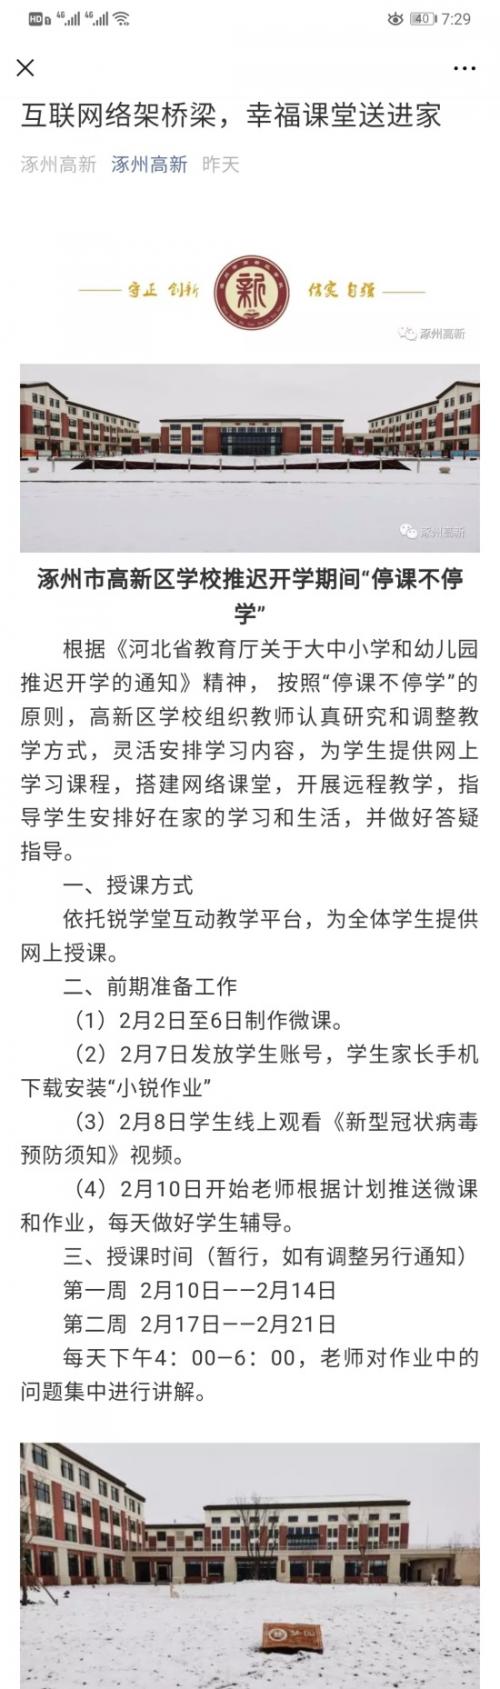 """停课不停学:锐学堂助力""""超长寒假""""教与学""""不打折"""""""